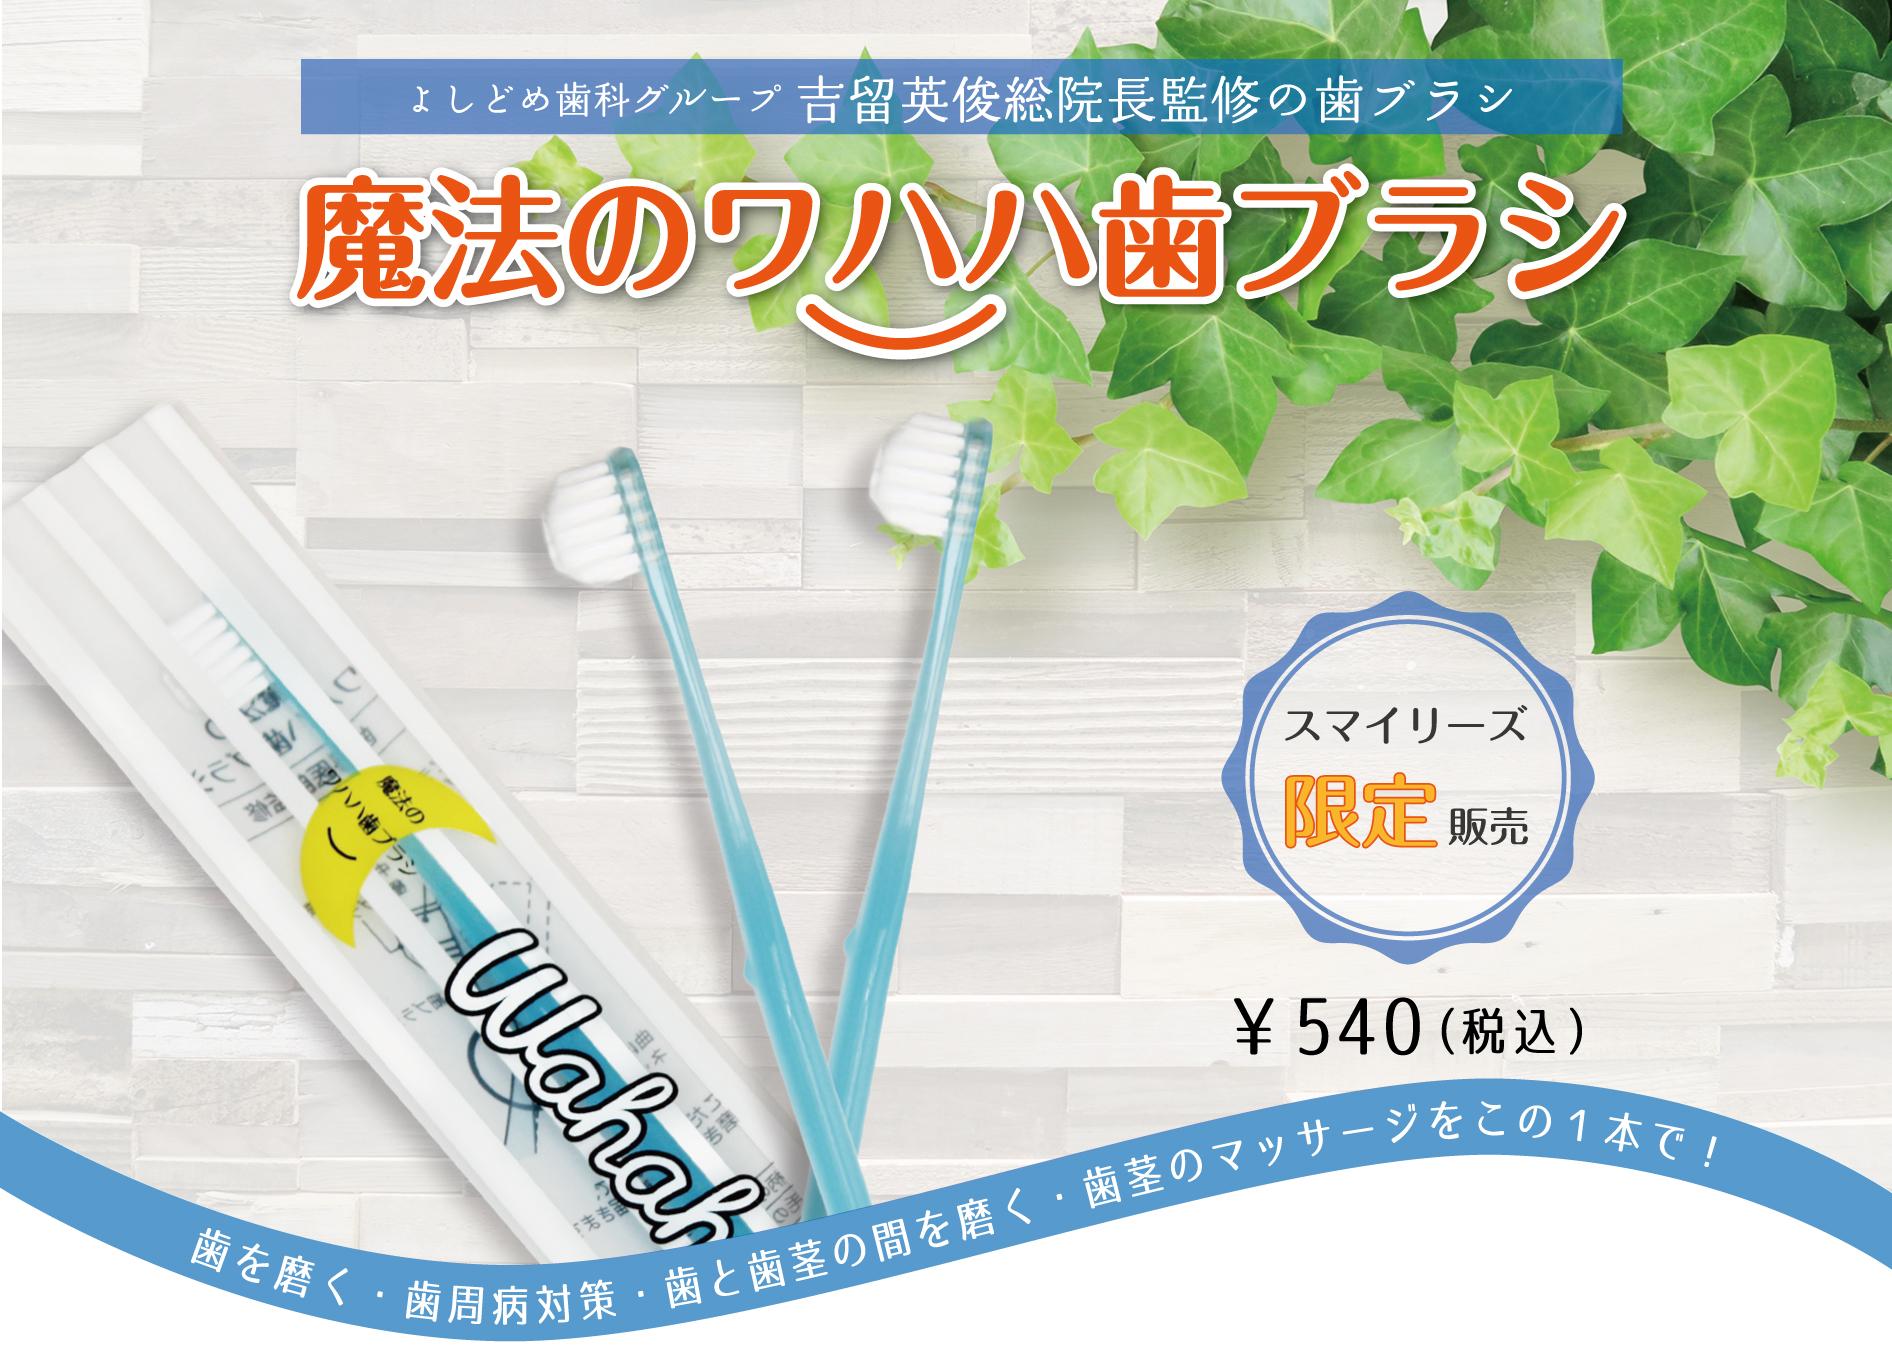 魔法のワハハ歯ブラシのタイトル